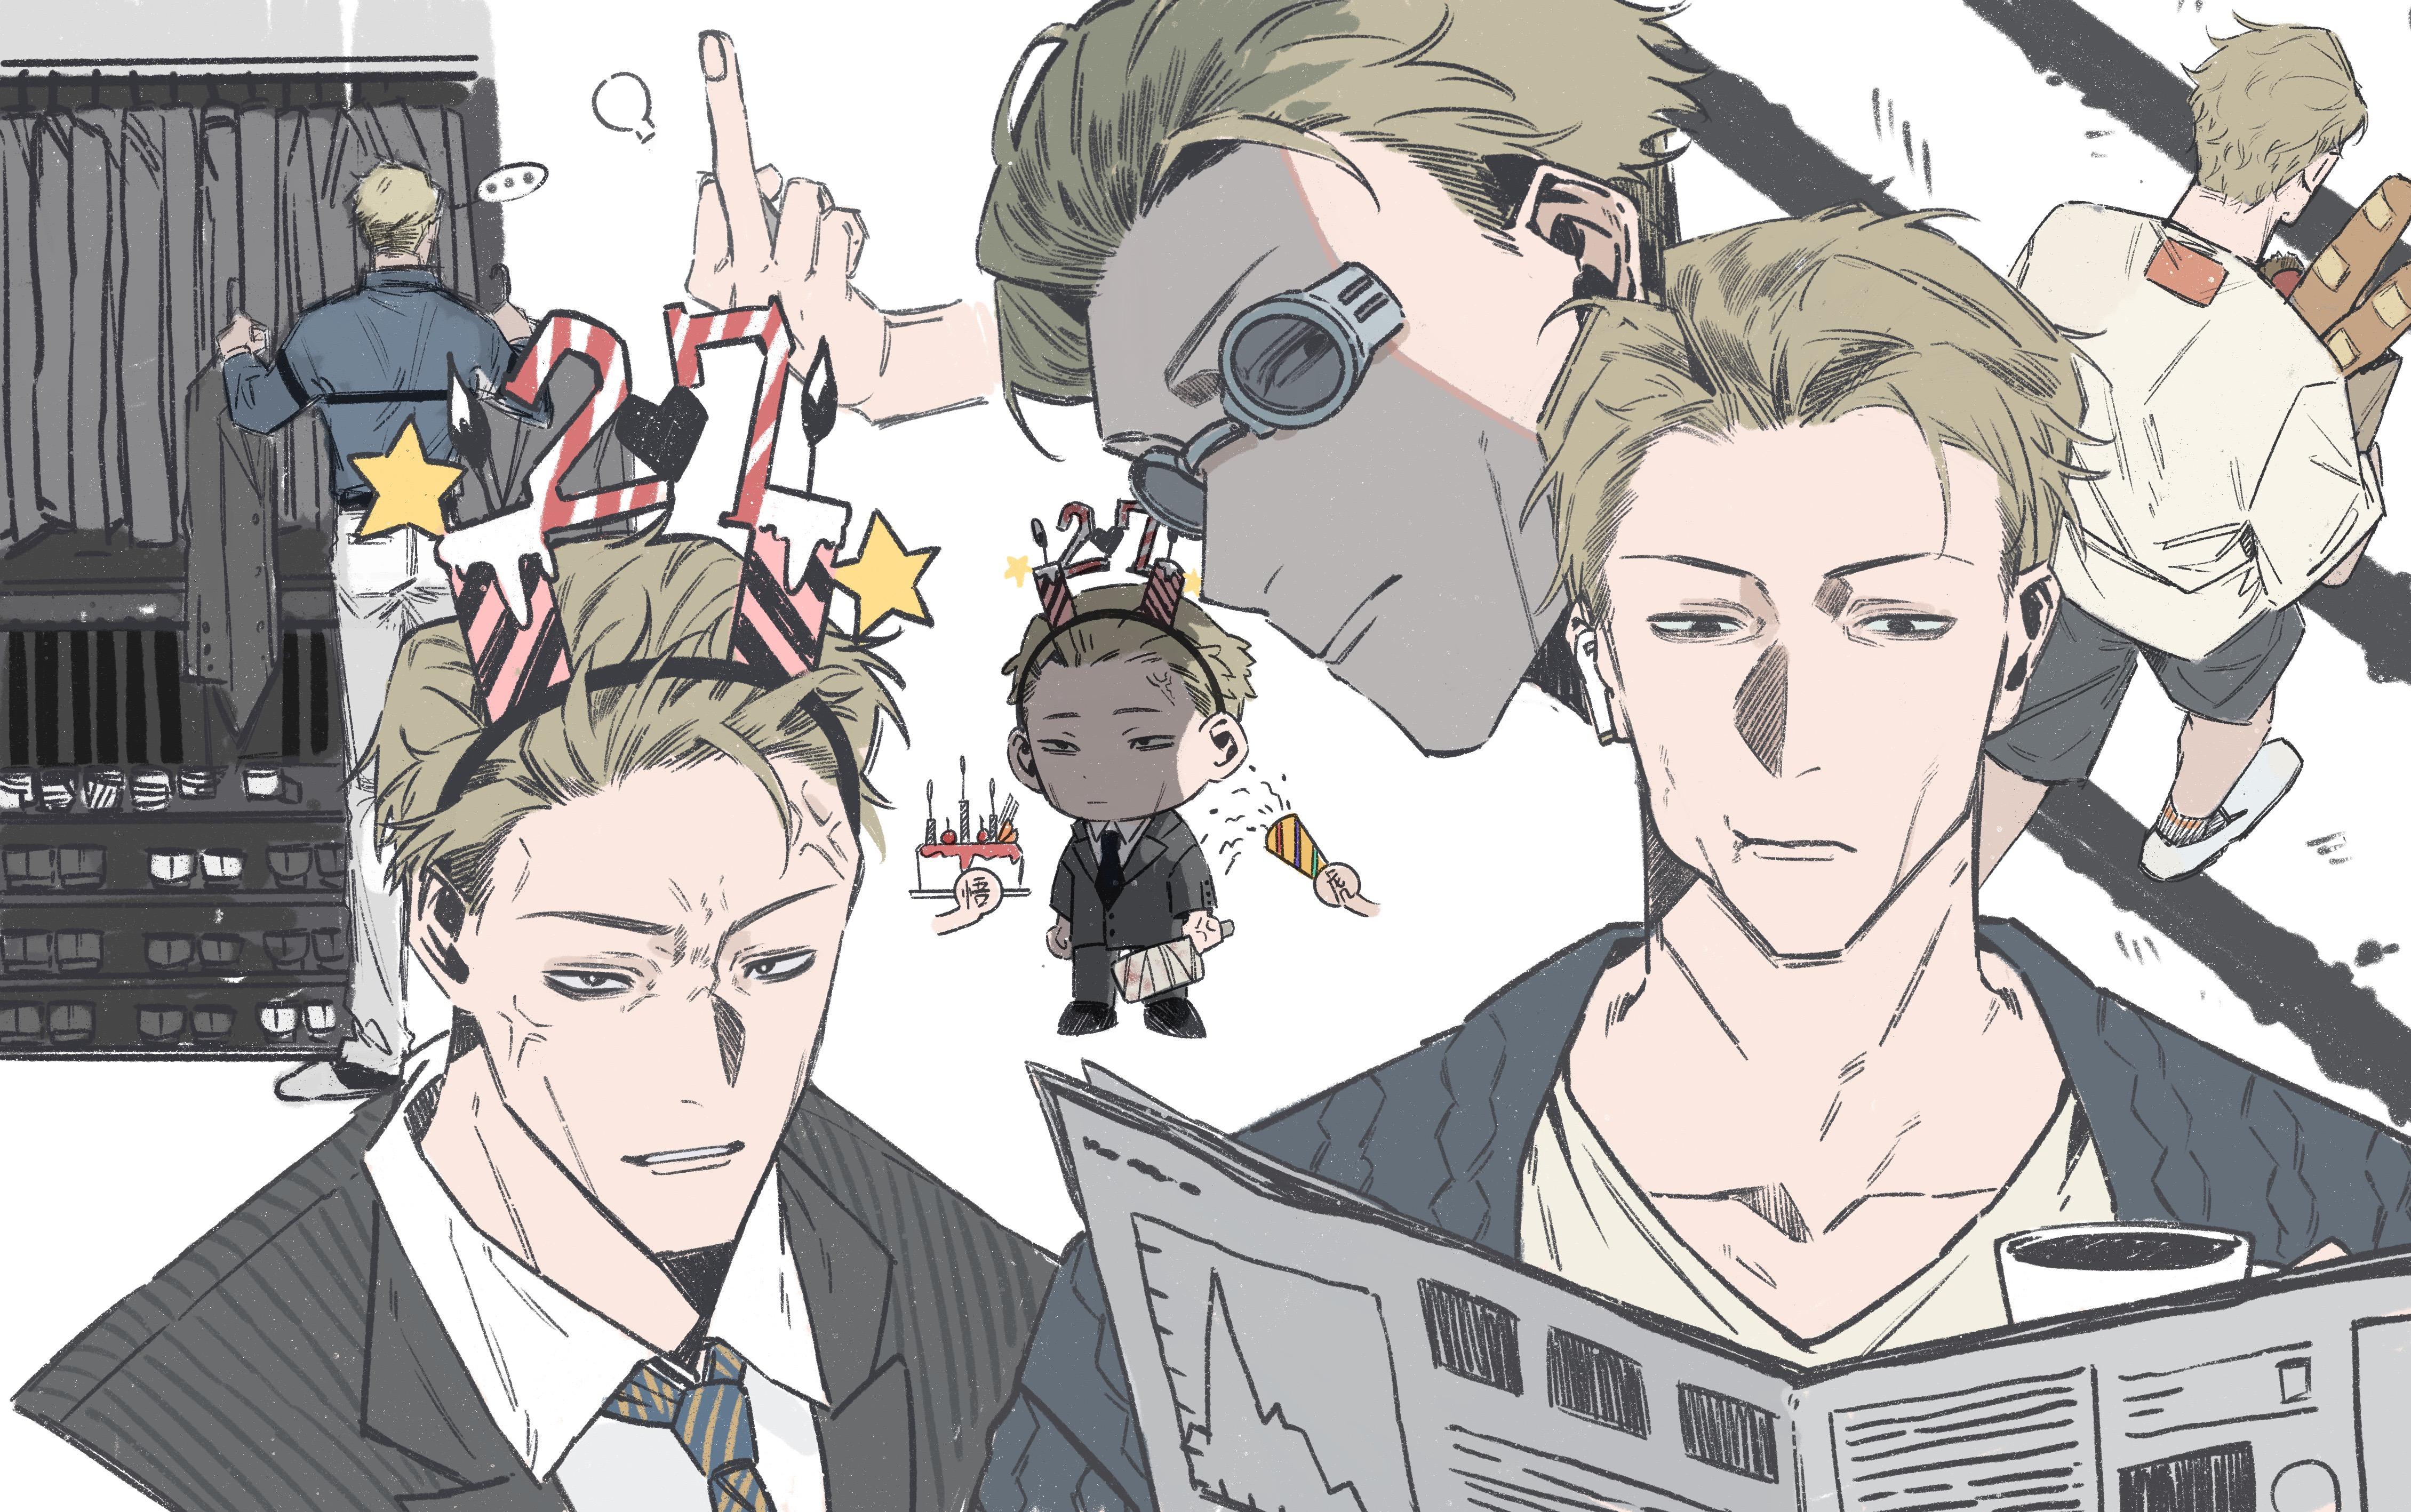 Nanami Kento Jujutsu Kaisen Image 3287201 Zerochan Anime Image Board